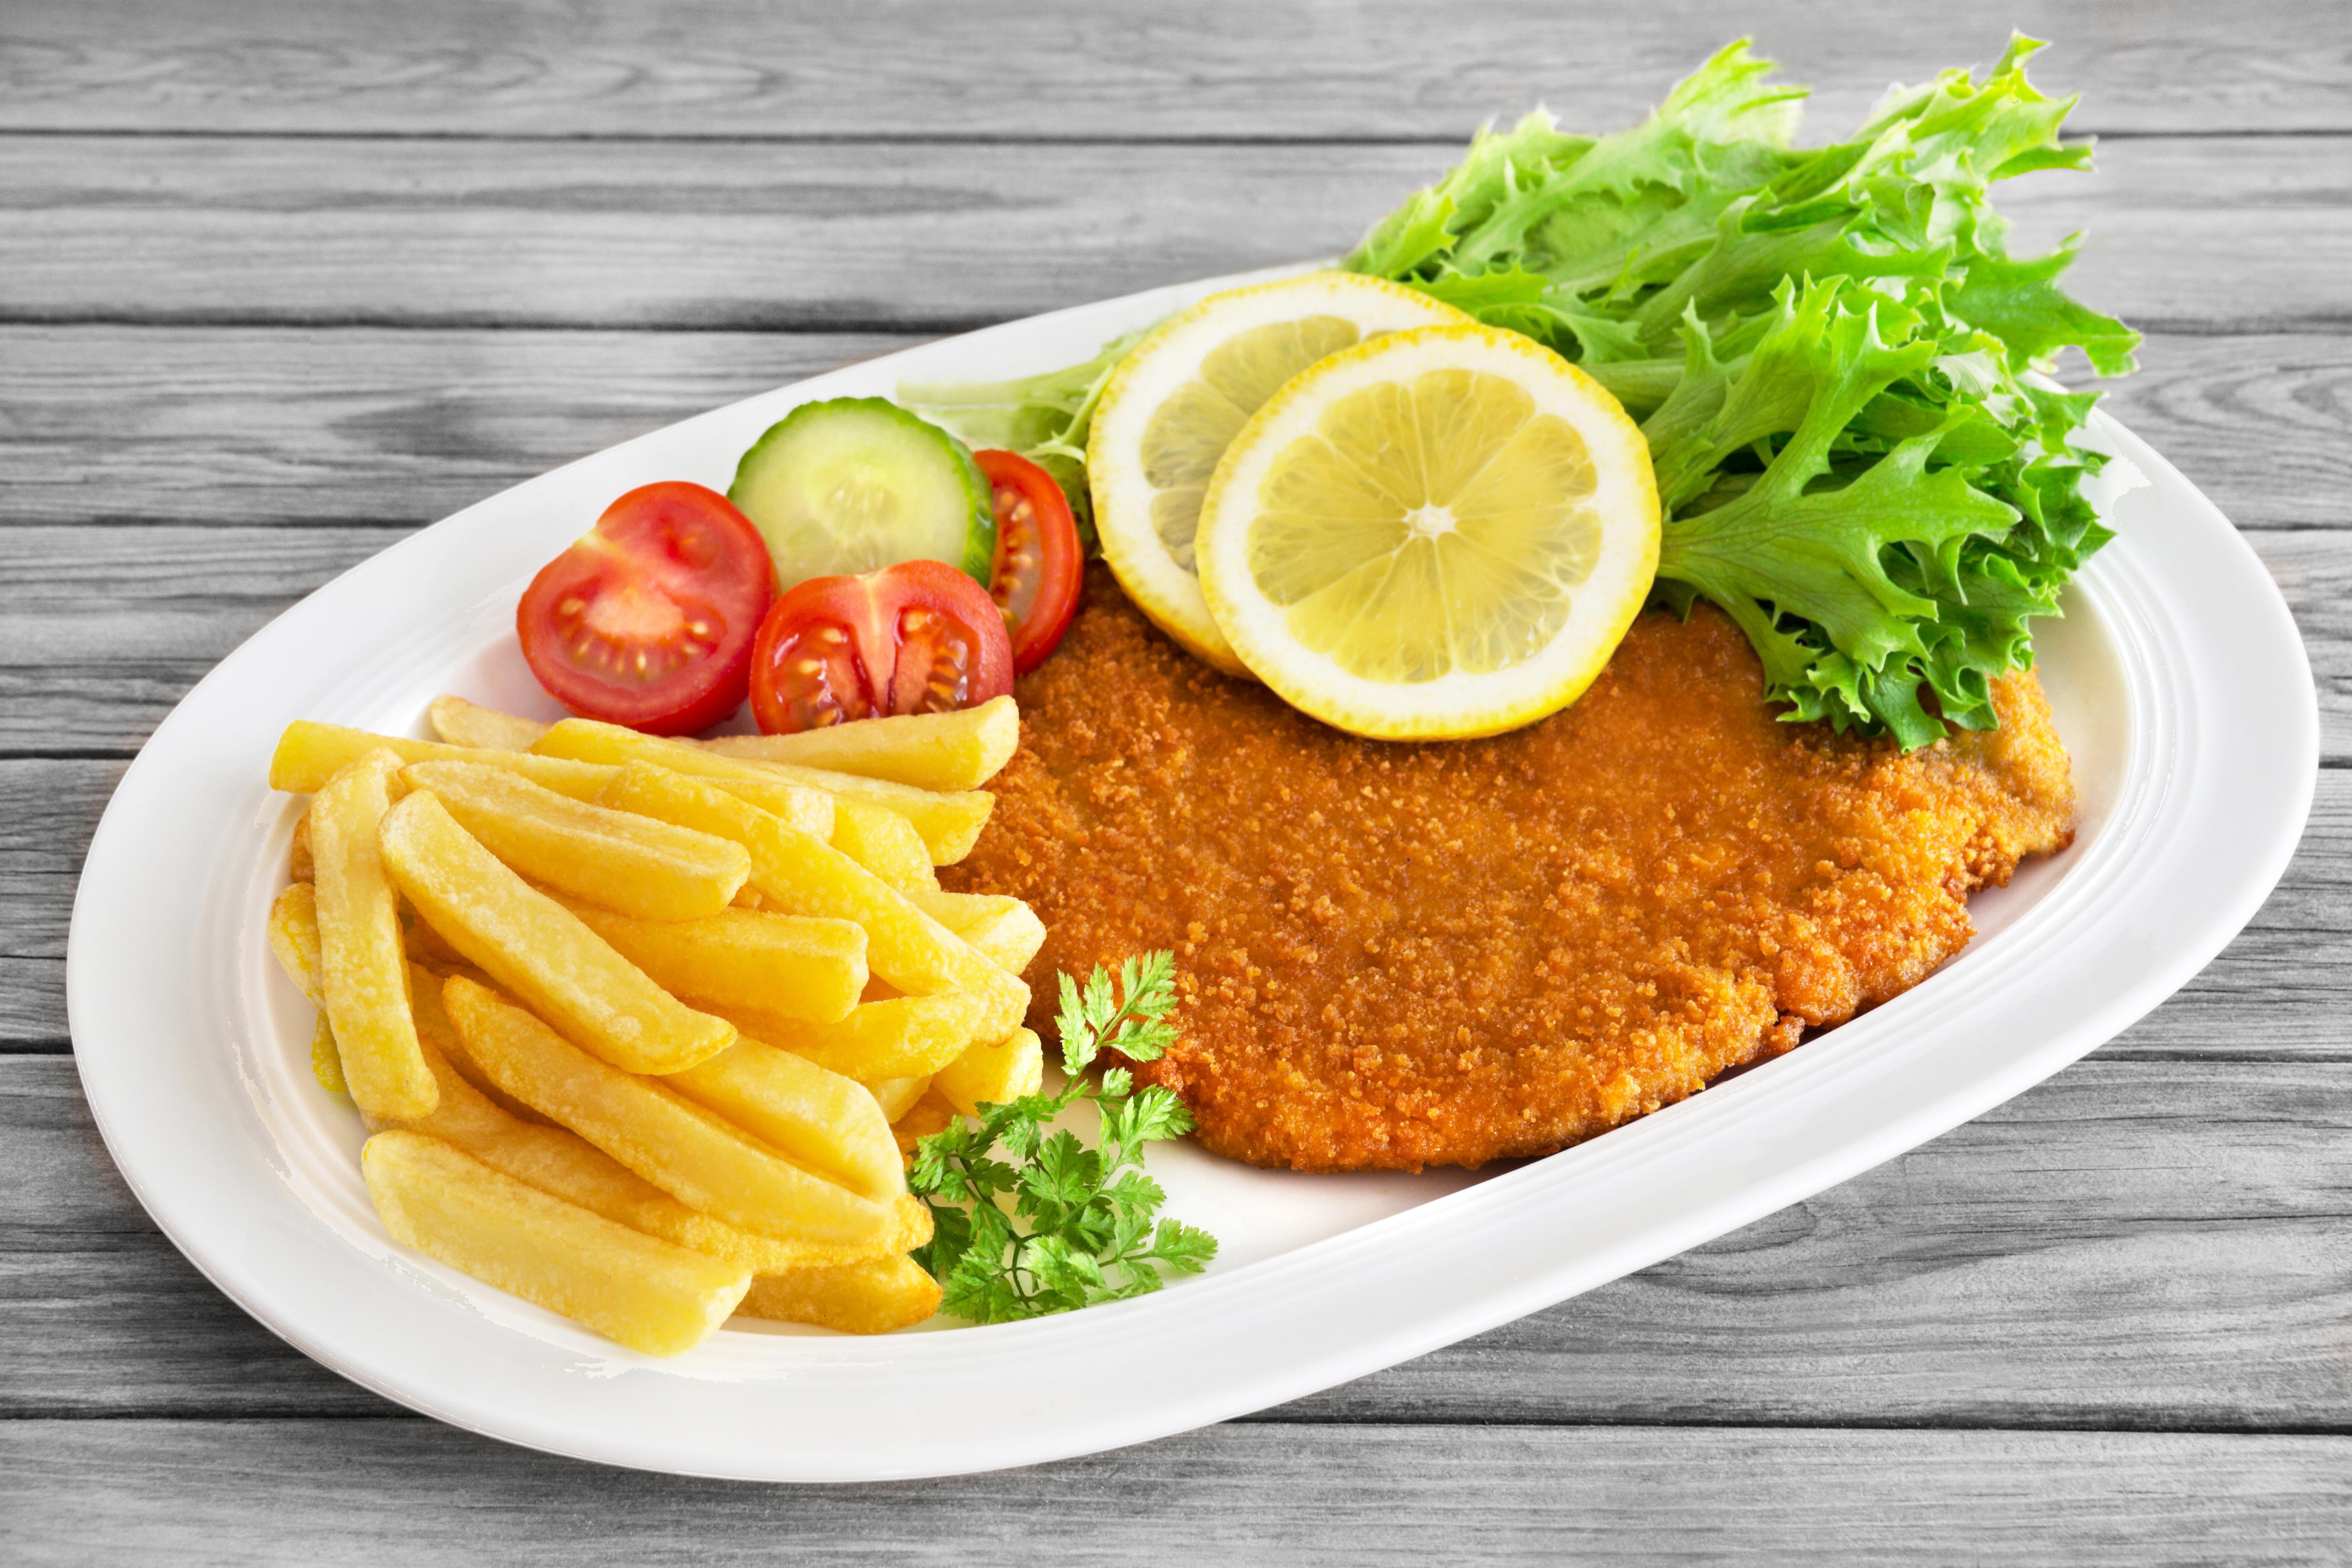 Bilder von Fritten Zitrone Fast food Teller Gemüse Lebensmittel Lebensmittel Fleischwaren Pommes frites das Essen